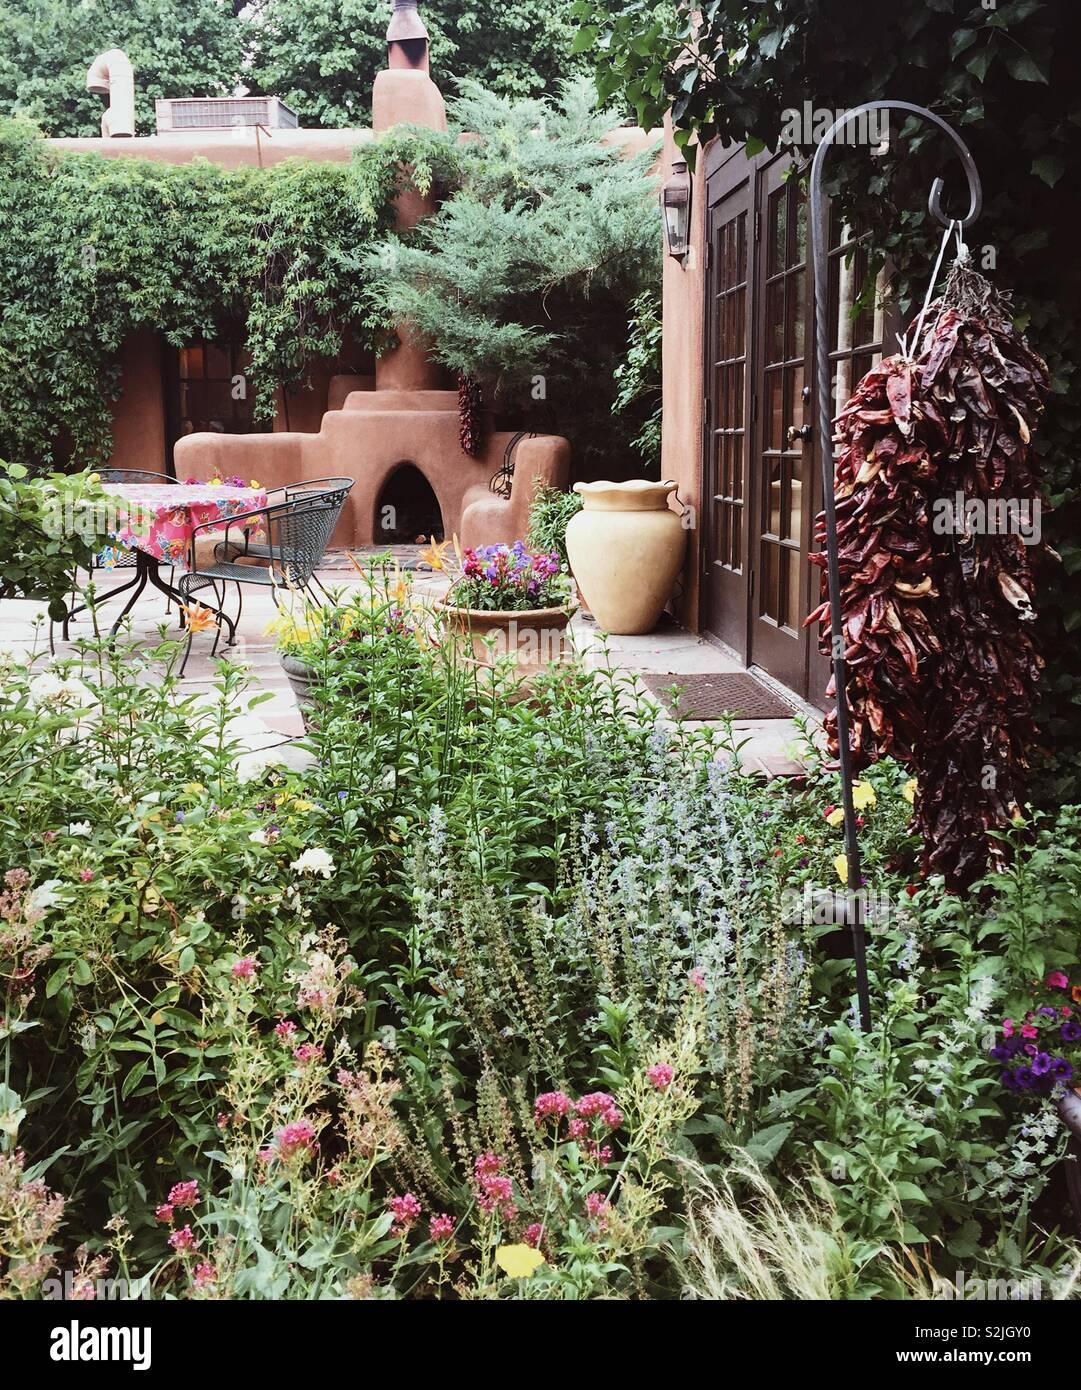 Courtyard Garden In Santa Fe New Mexico Stock Photo Alamy